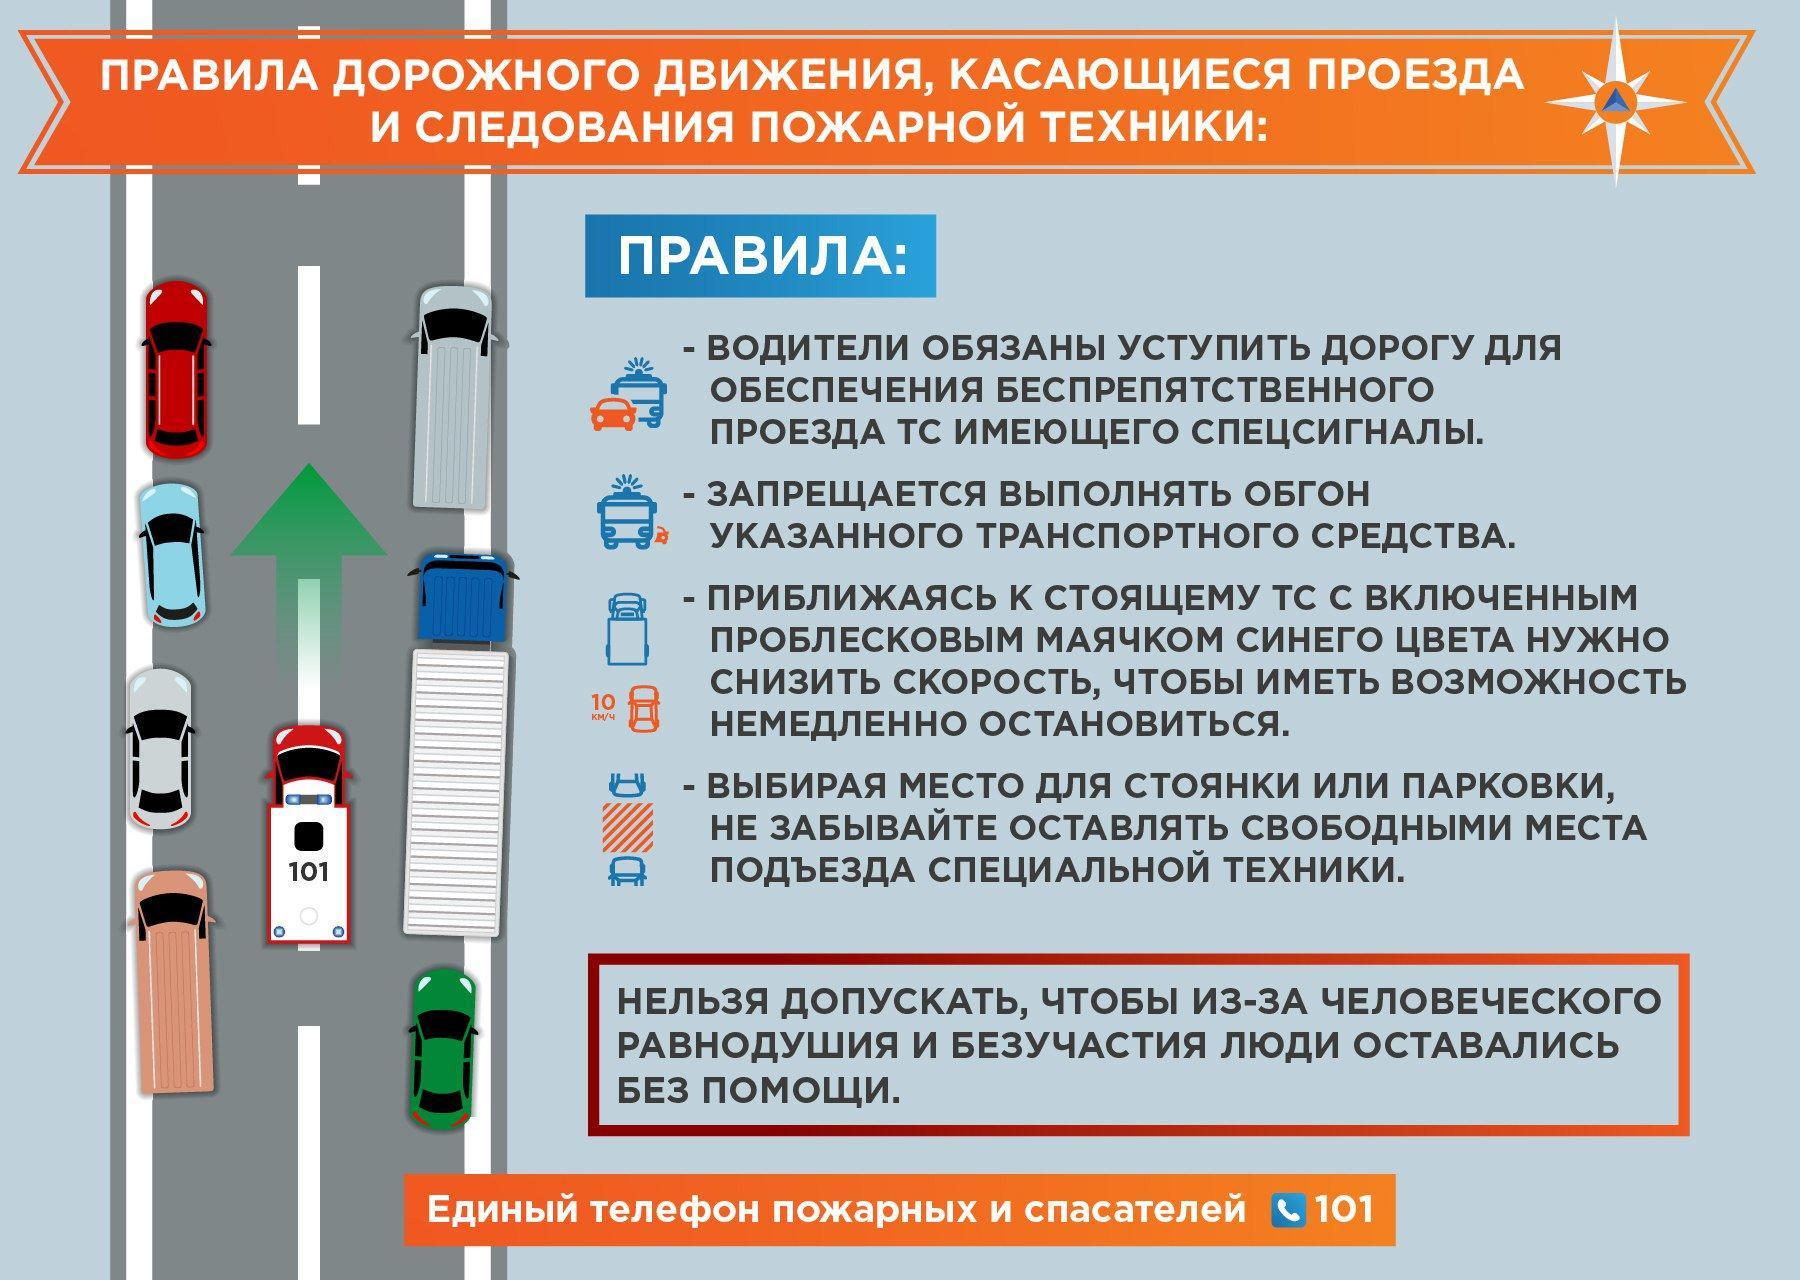 Правила дорожного движения на спецтехнике ржд вагоны пассажирские перевозки